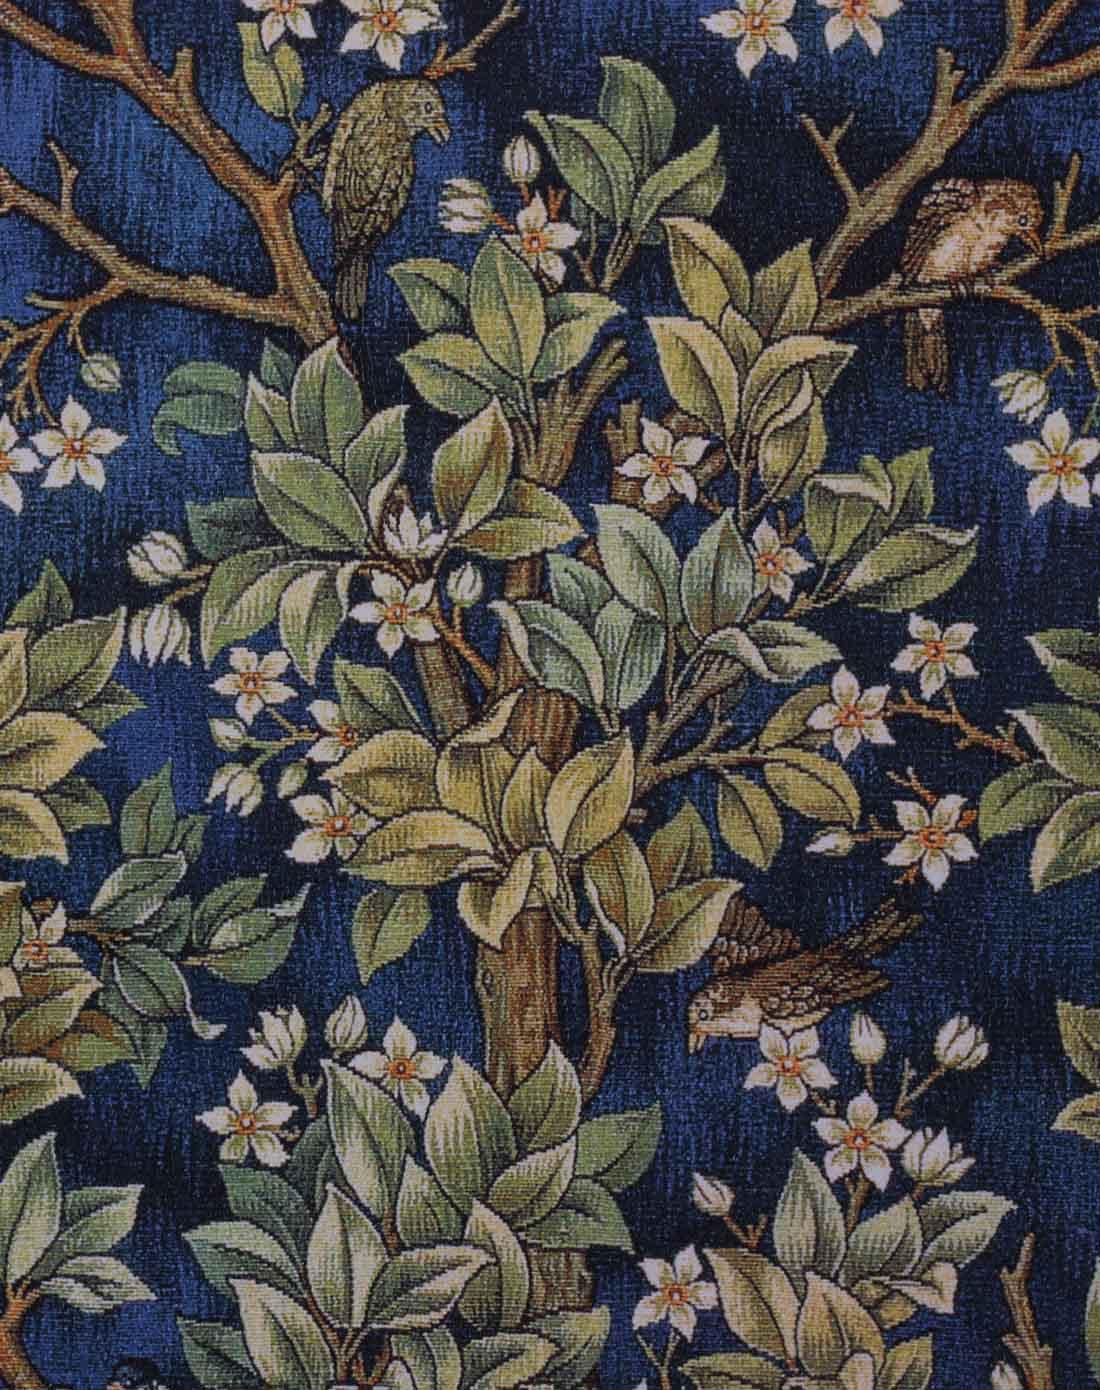 朵兰舍doolans欧式超赞装饰画-发财树b7100